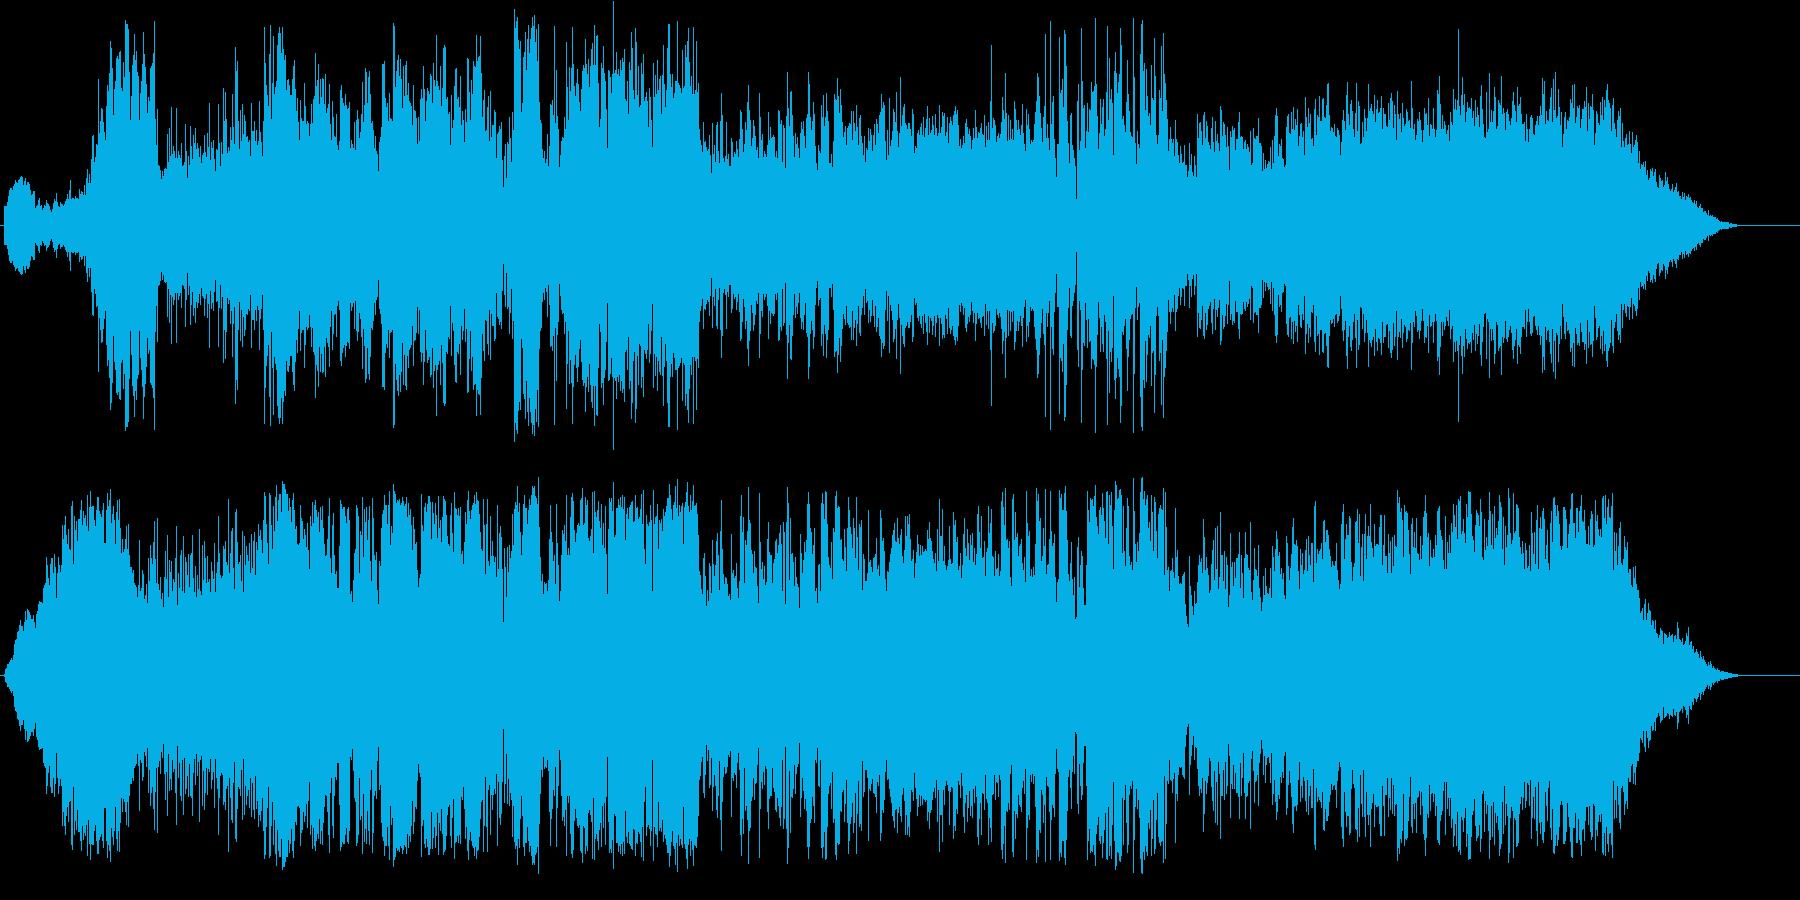 深まる謎を解きあかす冒険者のBGMの再生済みの波形